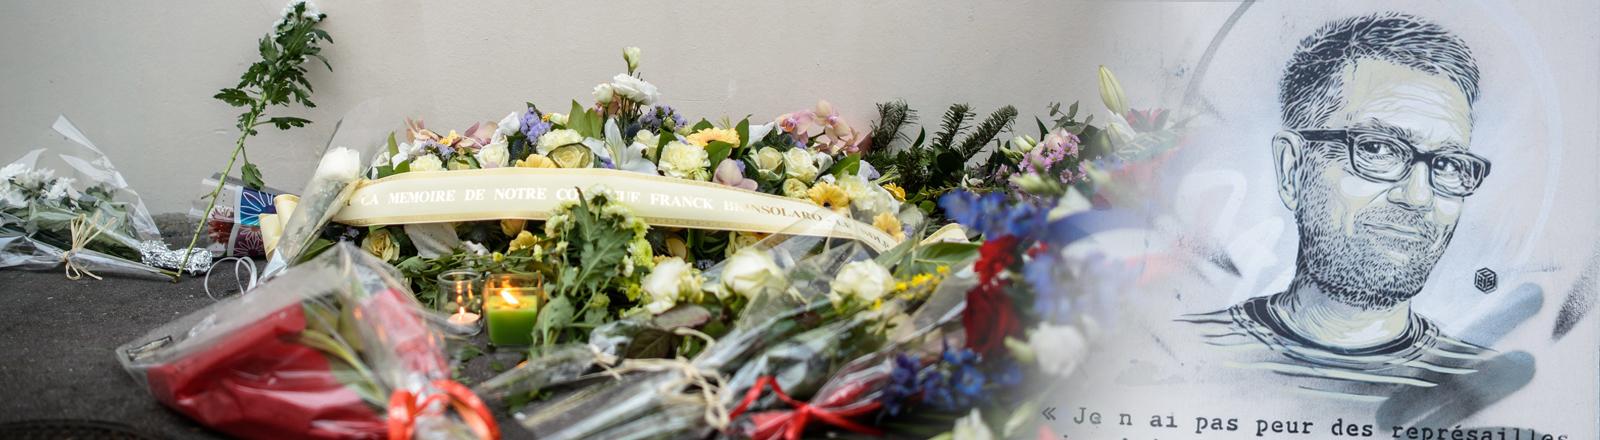 Collage: Niedergelegte Blumen zum Attentat von Charlie Hebdo, ein Porträt vom getöteten Chef-Redakteur Charb